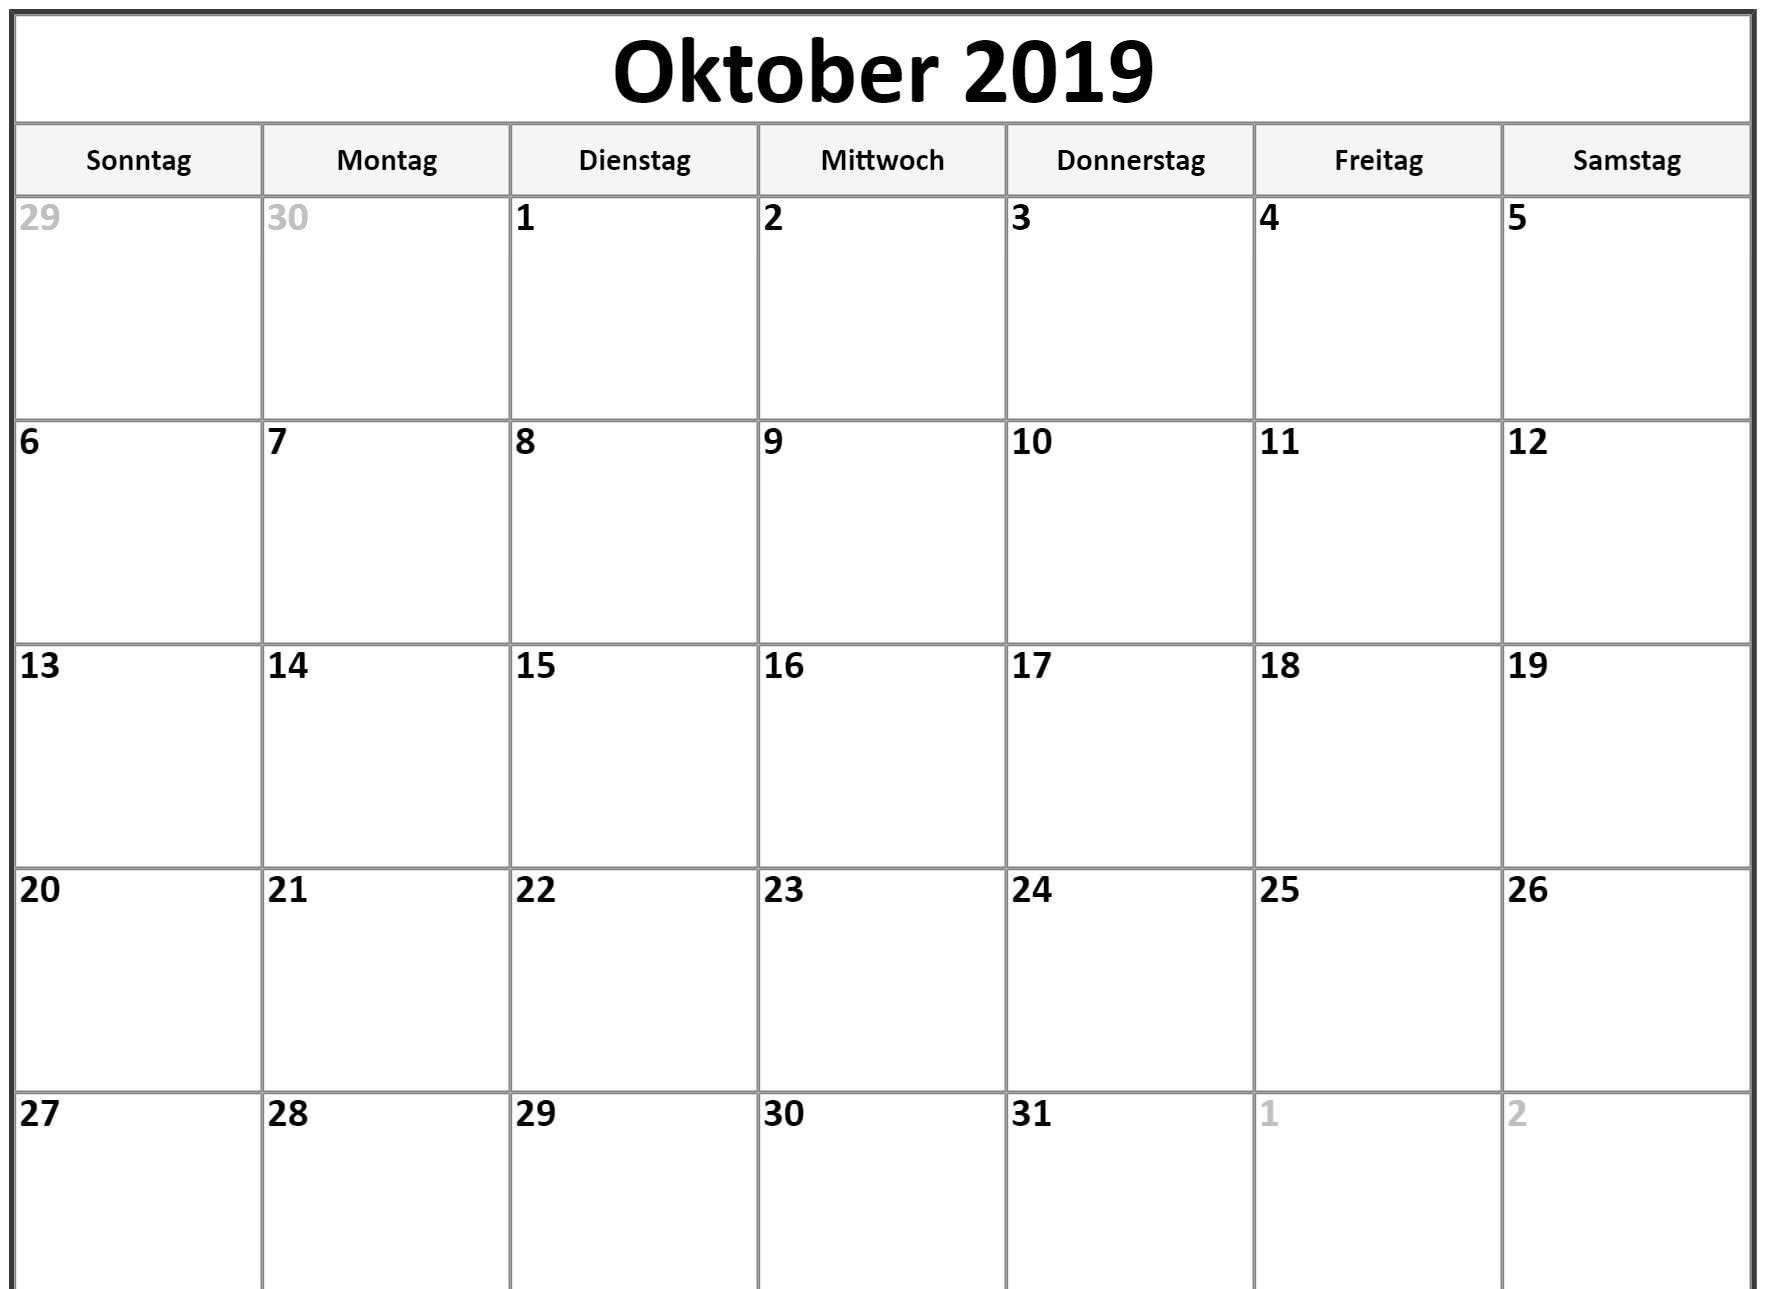 Oktober 2019 Kalender Excel